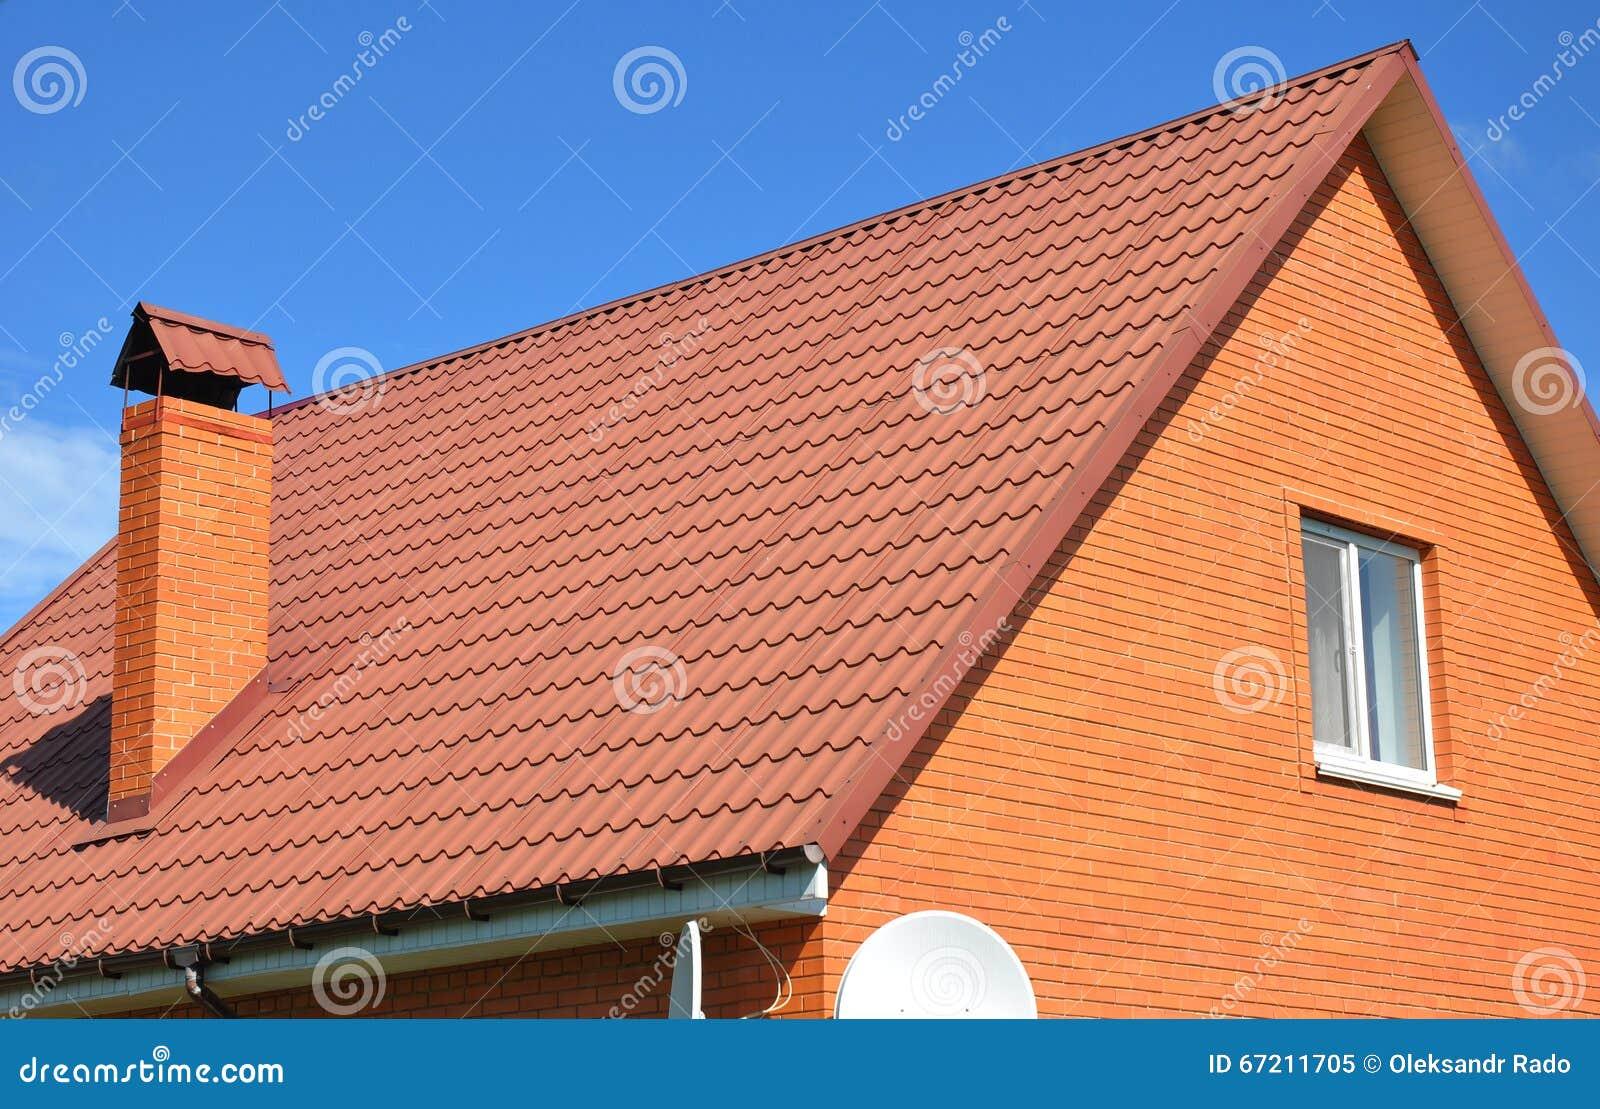 De oude langzaam verdwenen rode tegel en de schoorsteen van het